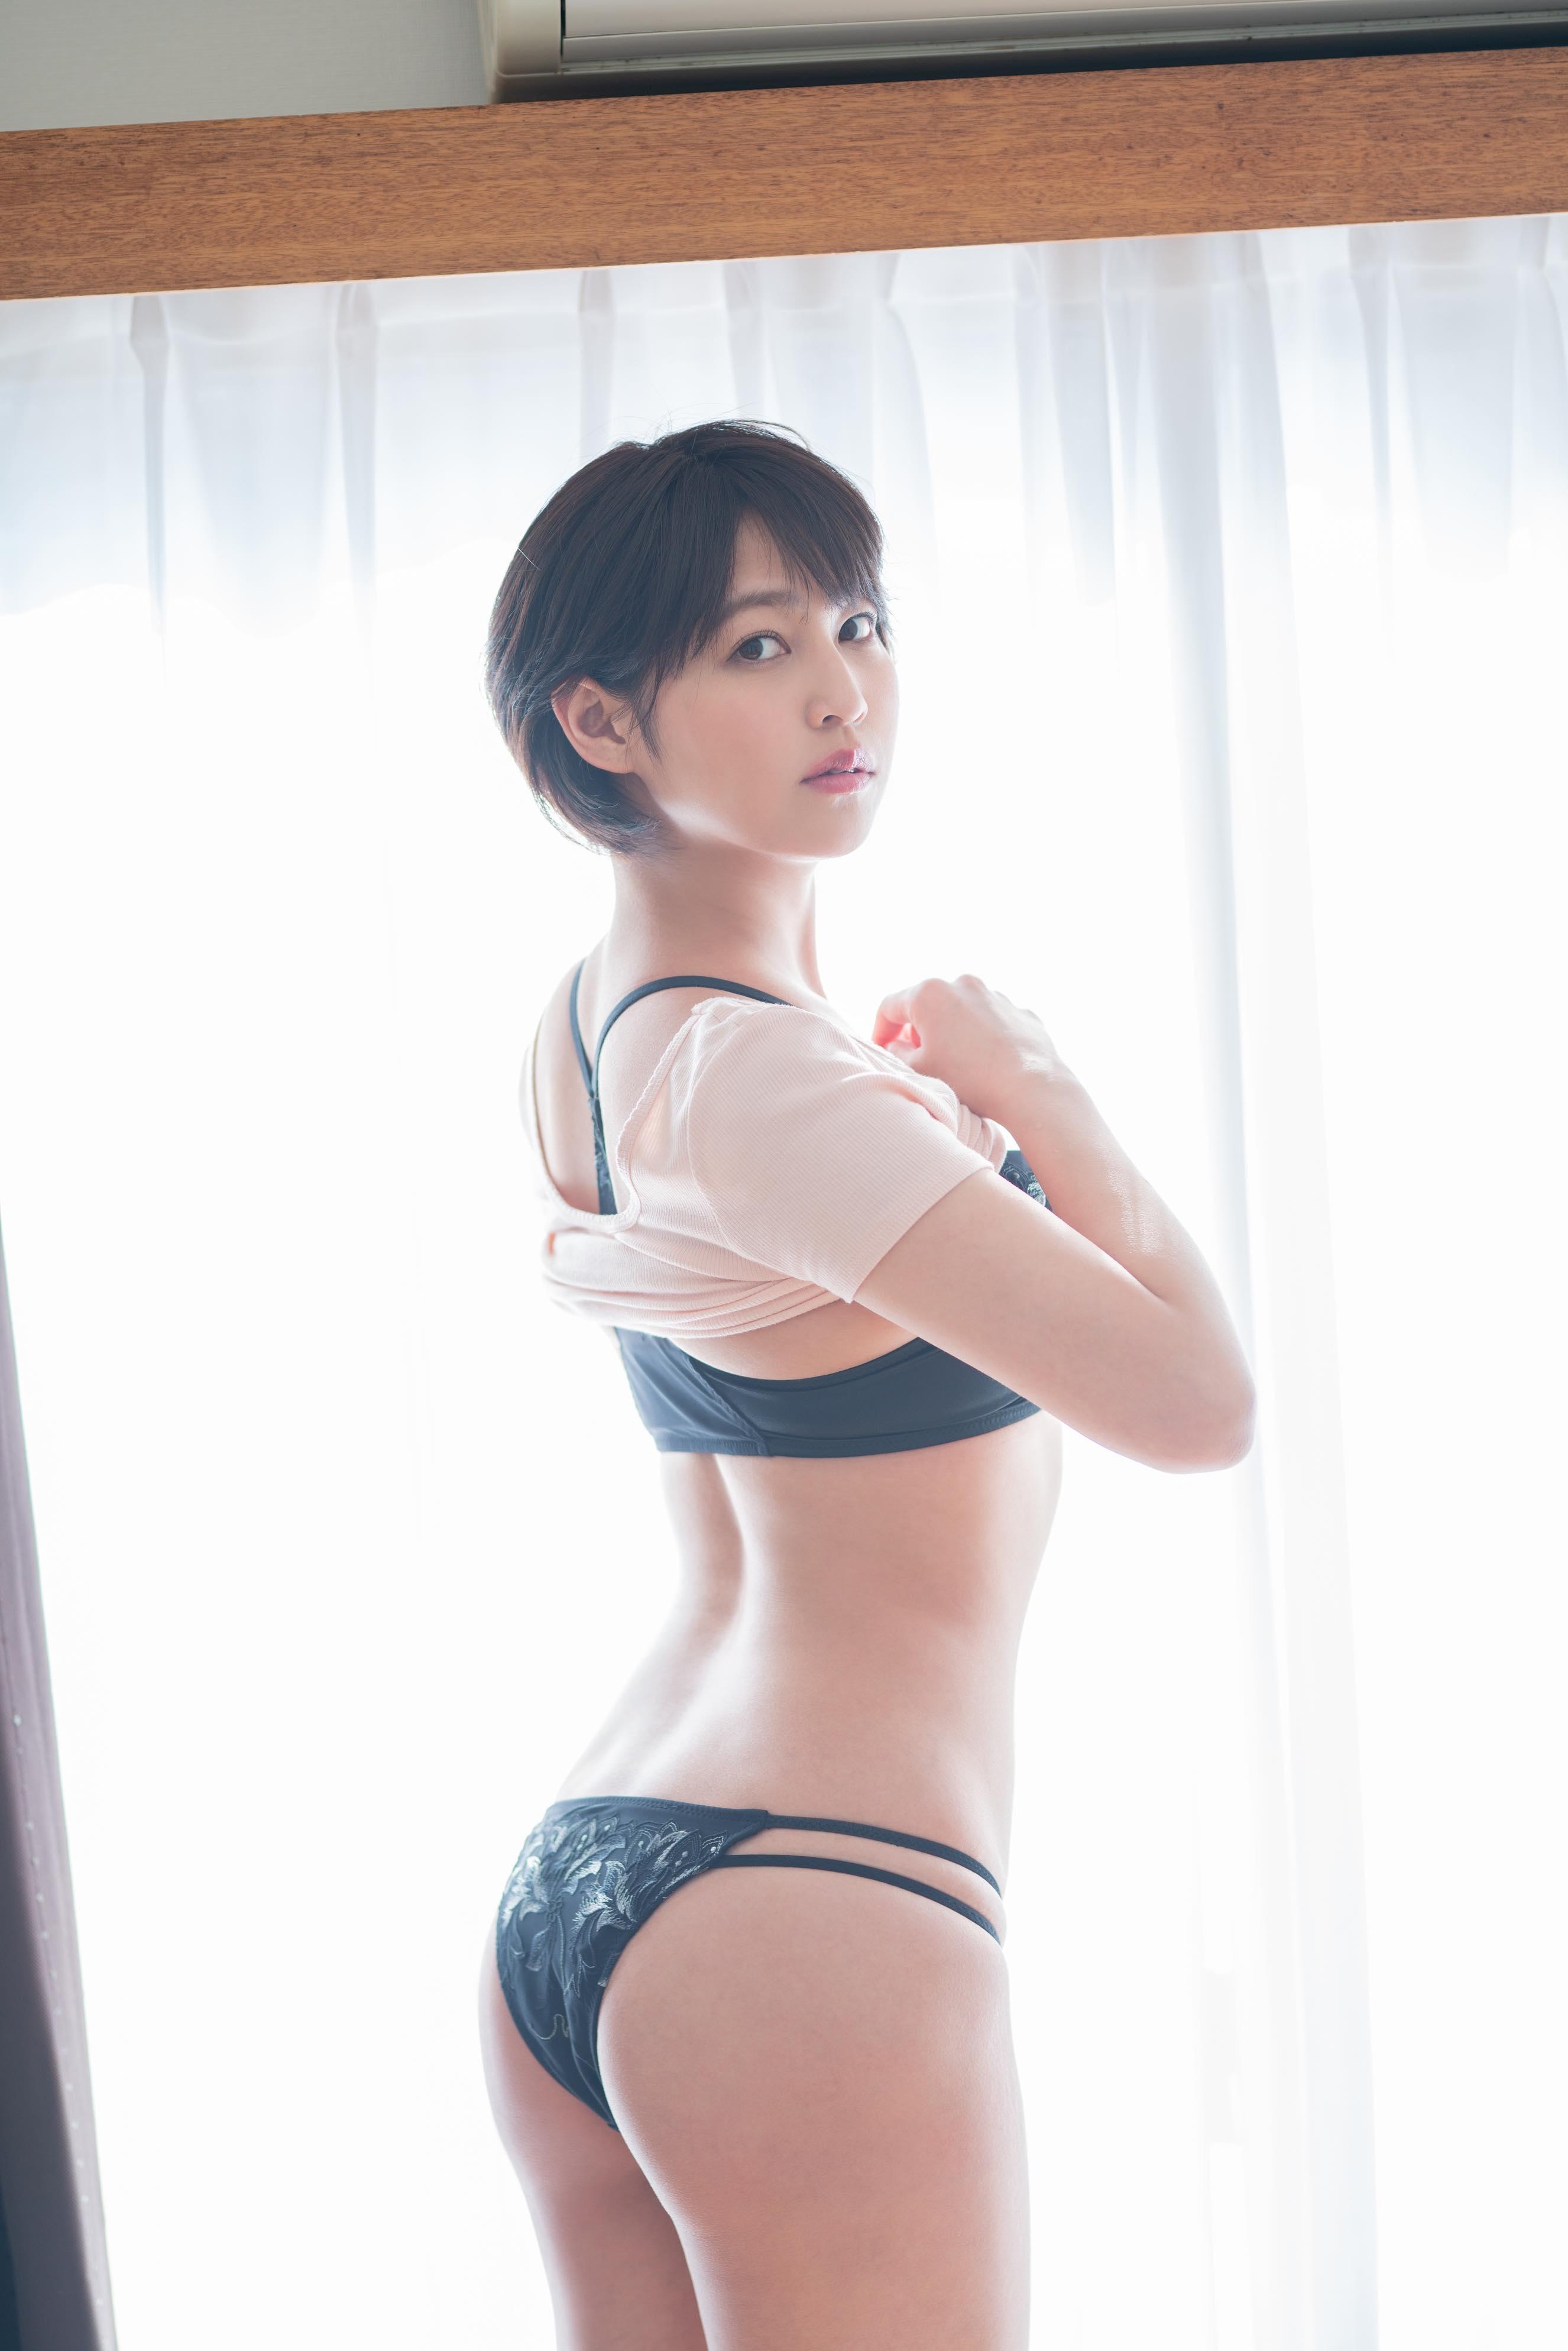 小柳歩「セクシー家庭教師」が年下男子と禁断の関係に?【写真11枚】の画像002